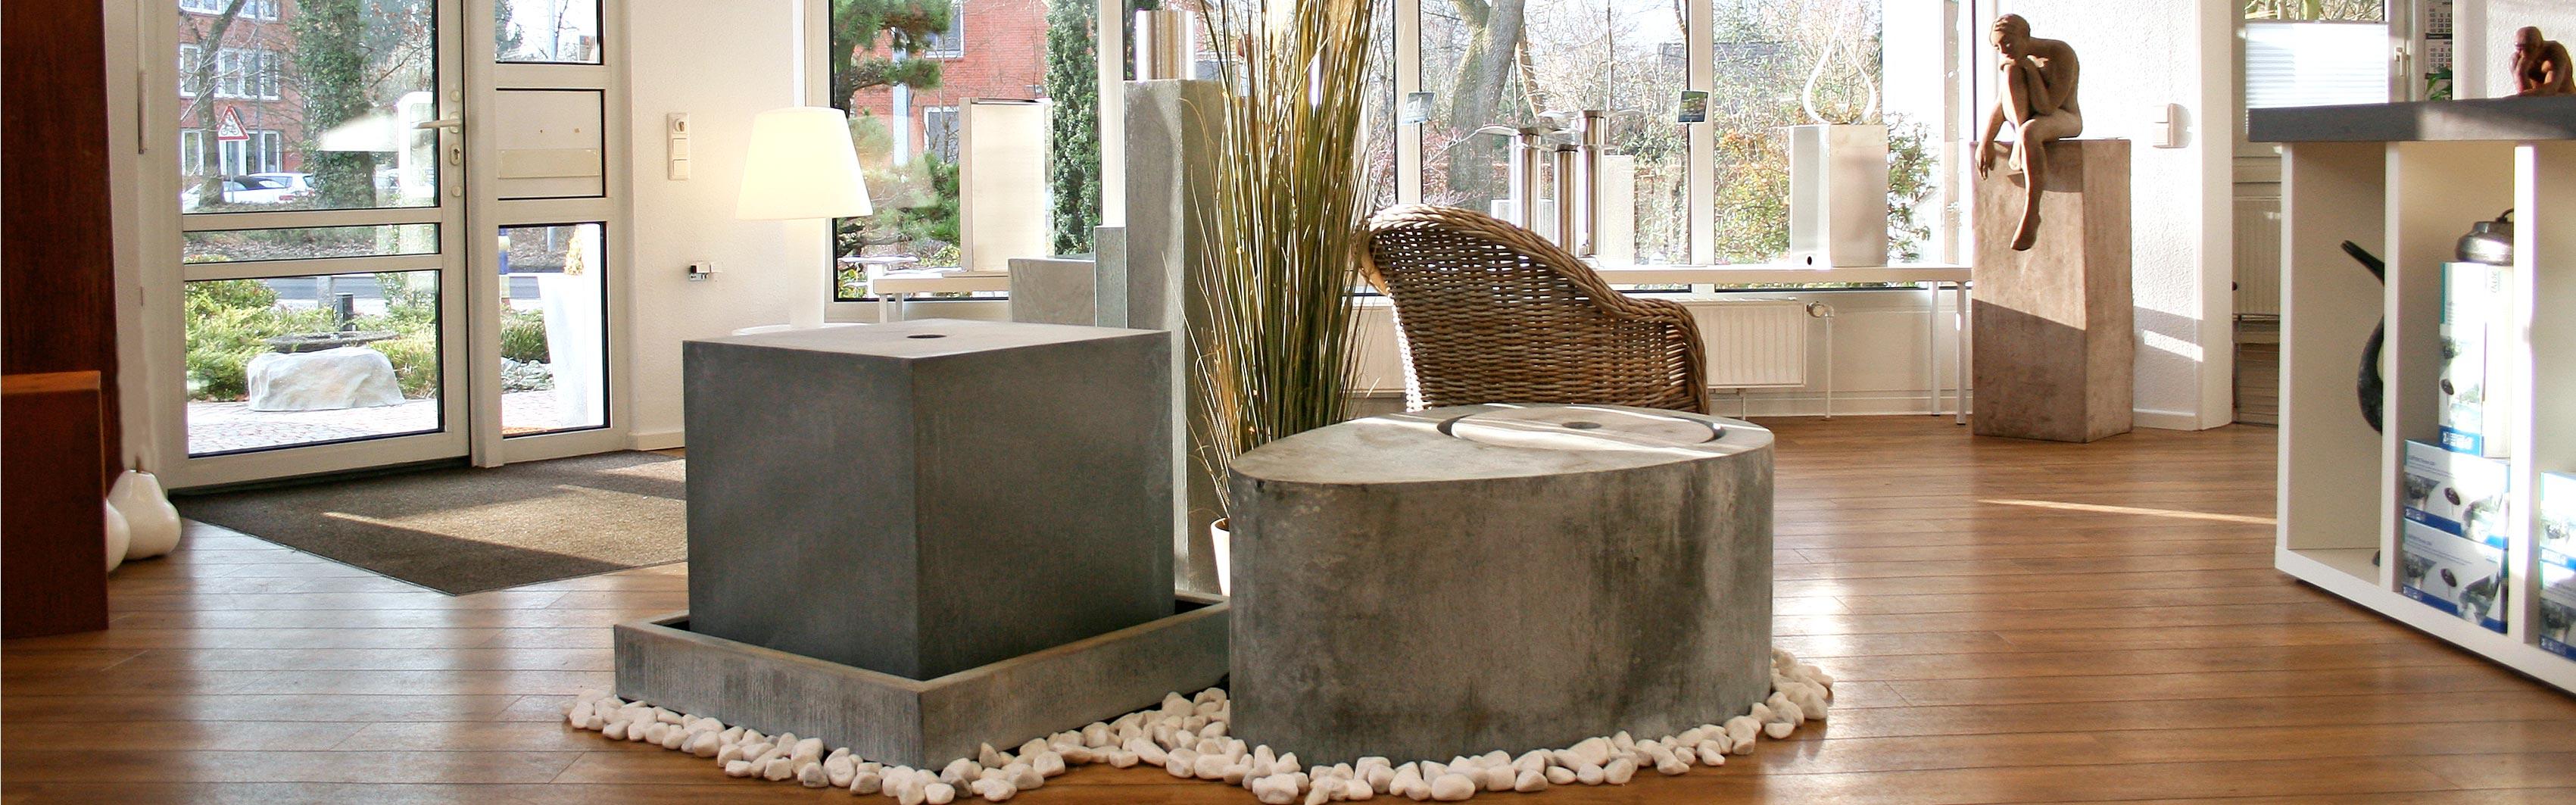 Gartenbrunnen Showroom anschauen Beratung Service